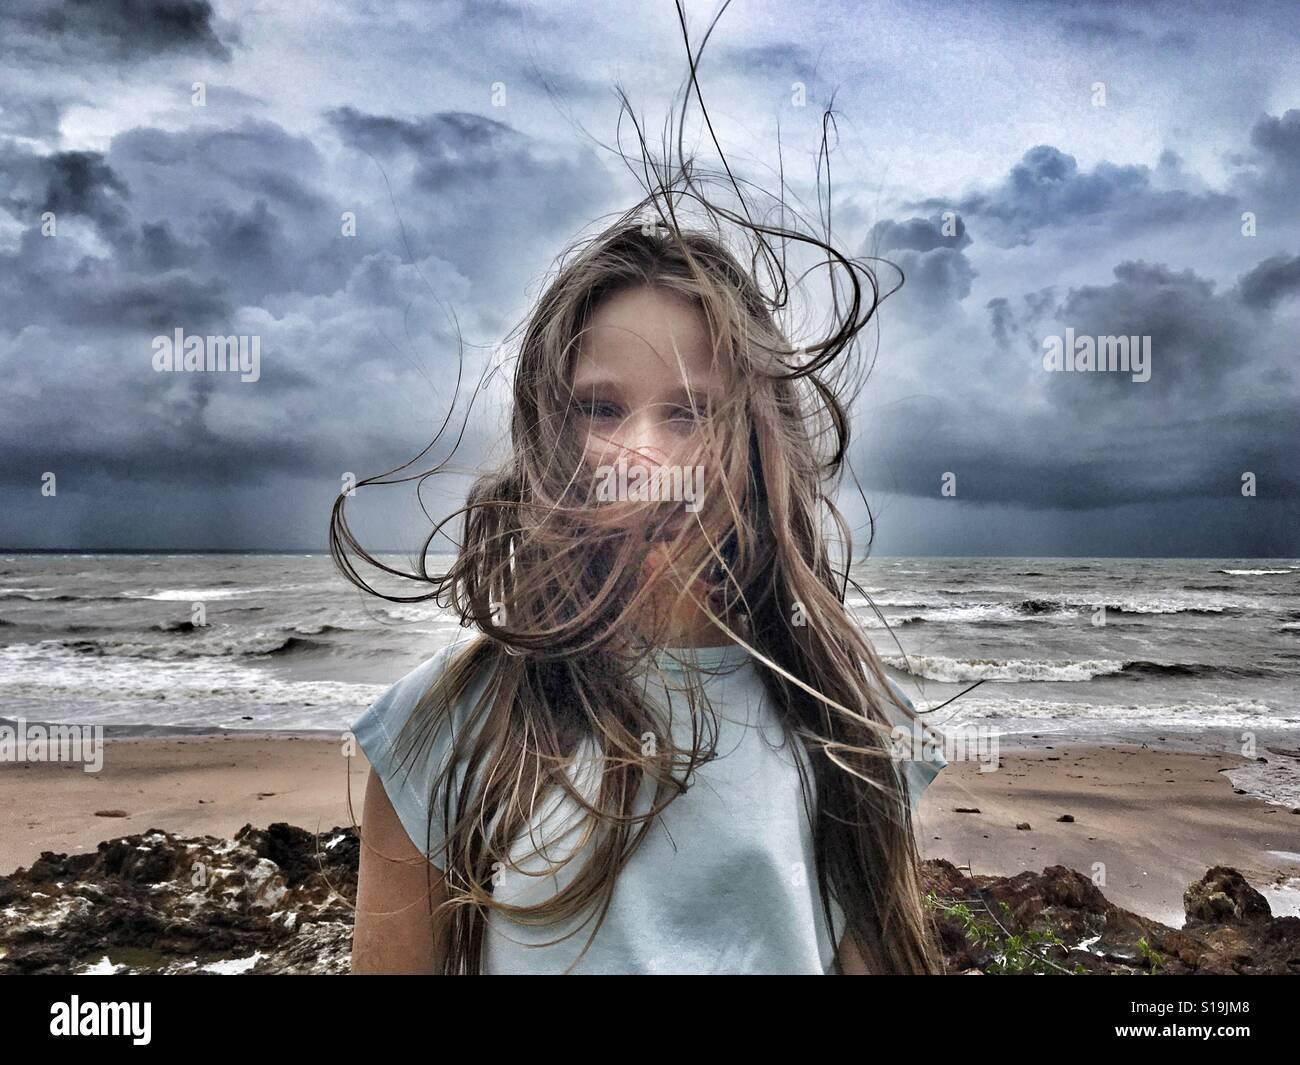 Jeune fille dans le vent. Photo Stock